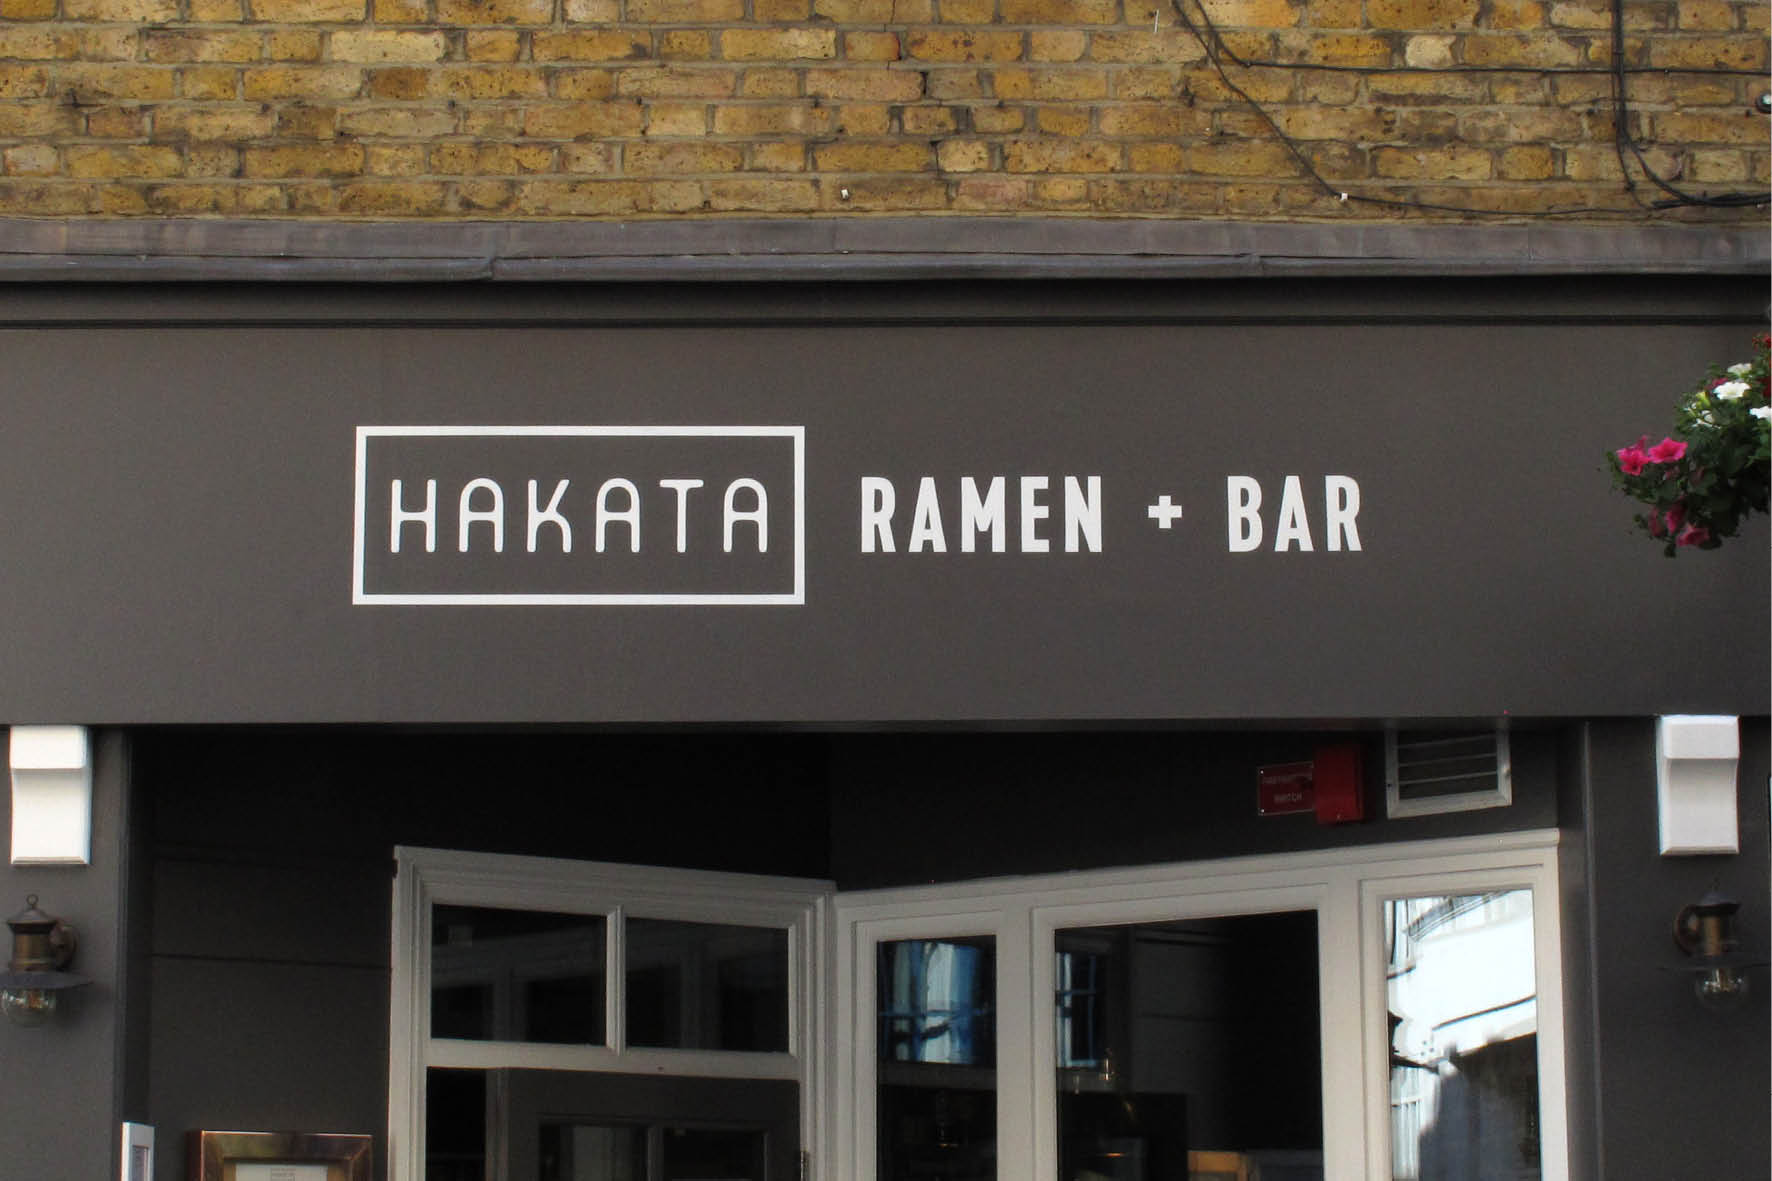 hakata_japanese_ramen+bar_2019_no_20.jpg